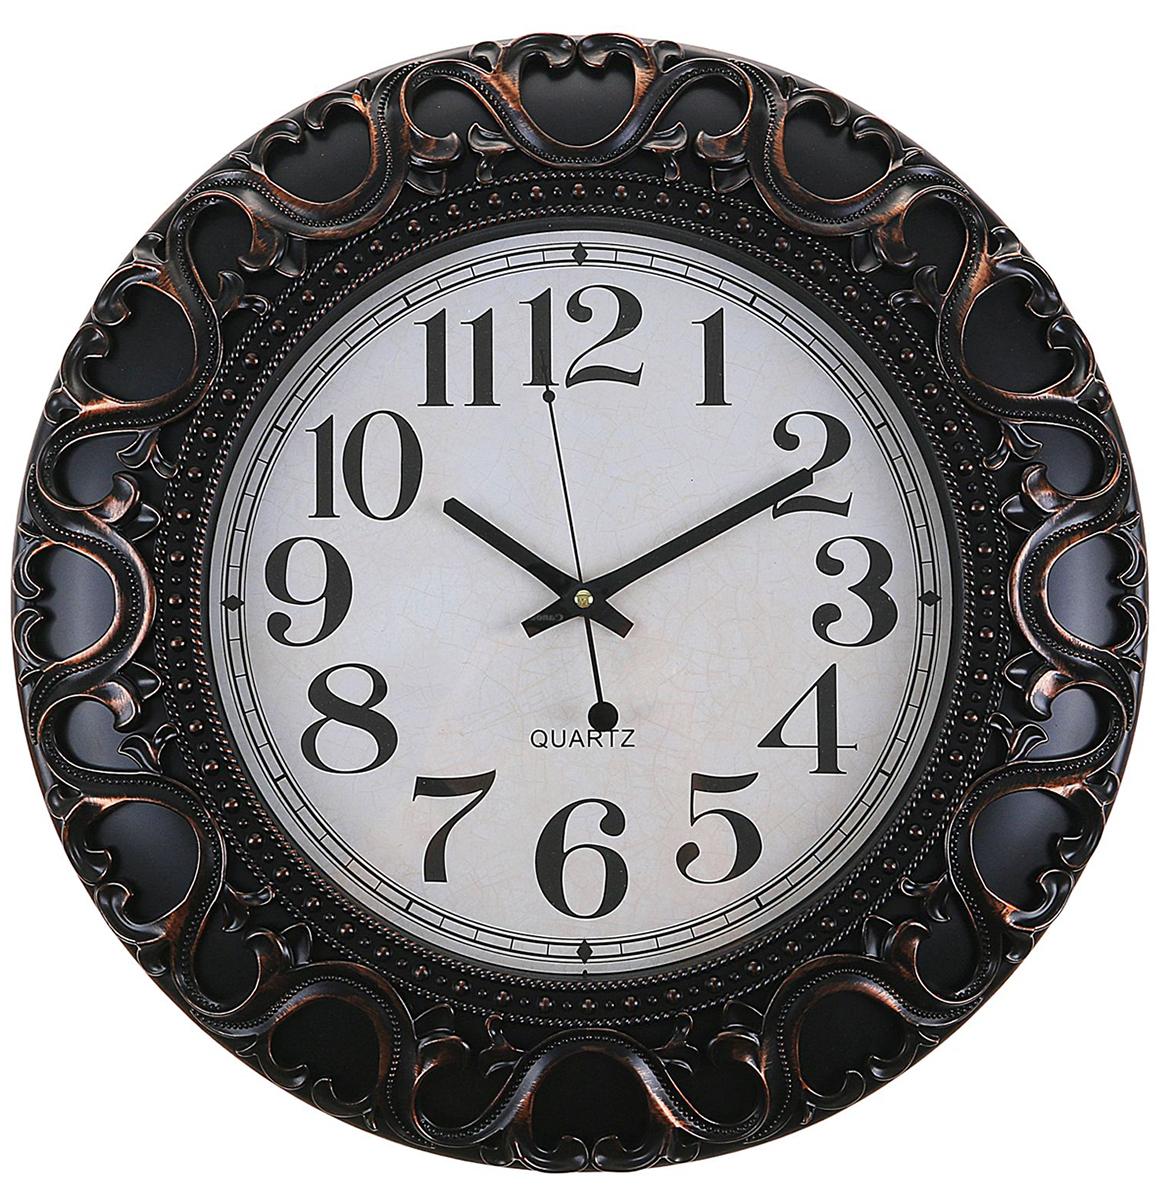 Часы настенные Жанна. Darkness, диаметр 45 см хочу продать свою квартиру которая менее 3х лет и другую какие налоги надо заплатить